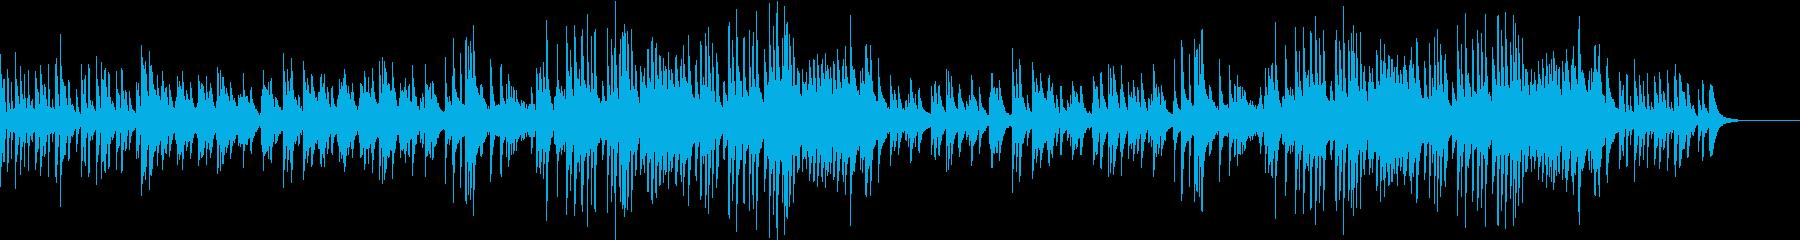 友達と語り合ってるイメージのピアノソロの再生済みの波形